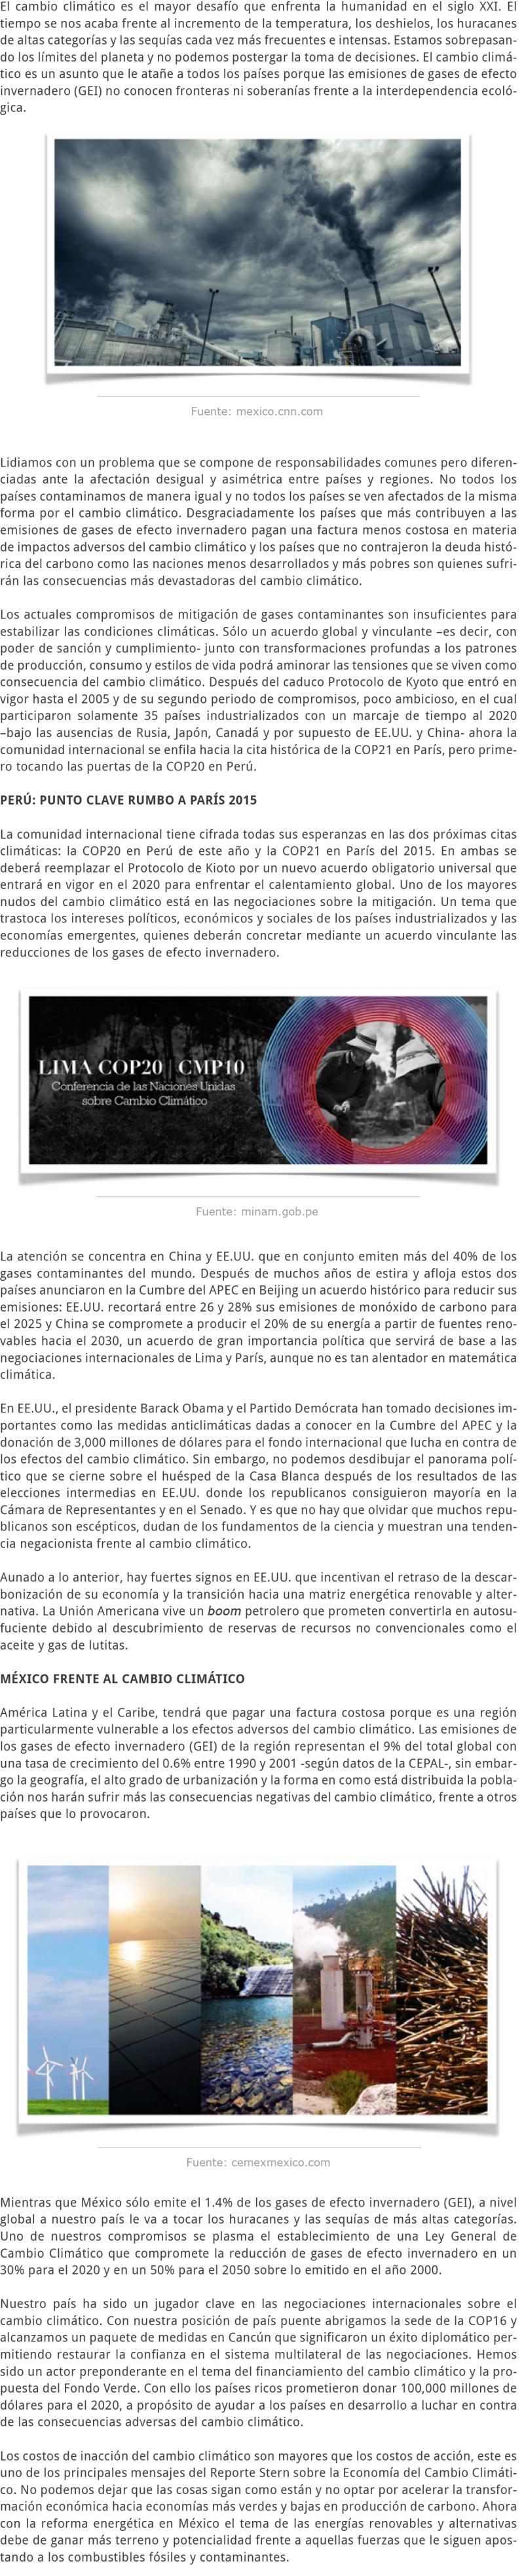 LA COP20 EN PERÚ LOS CONSENSOS Y DIVISORES ALREDEDOR DEL CAMBIO CLIMÁTICO